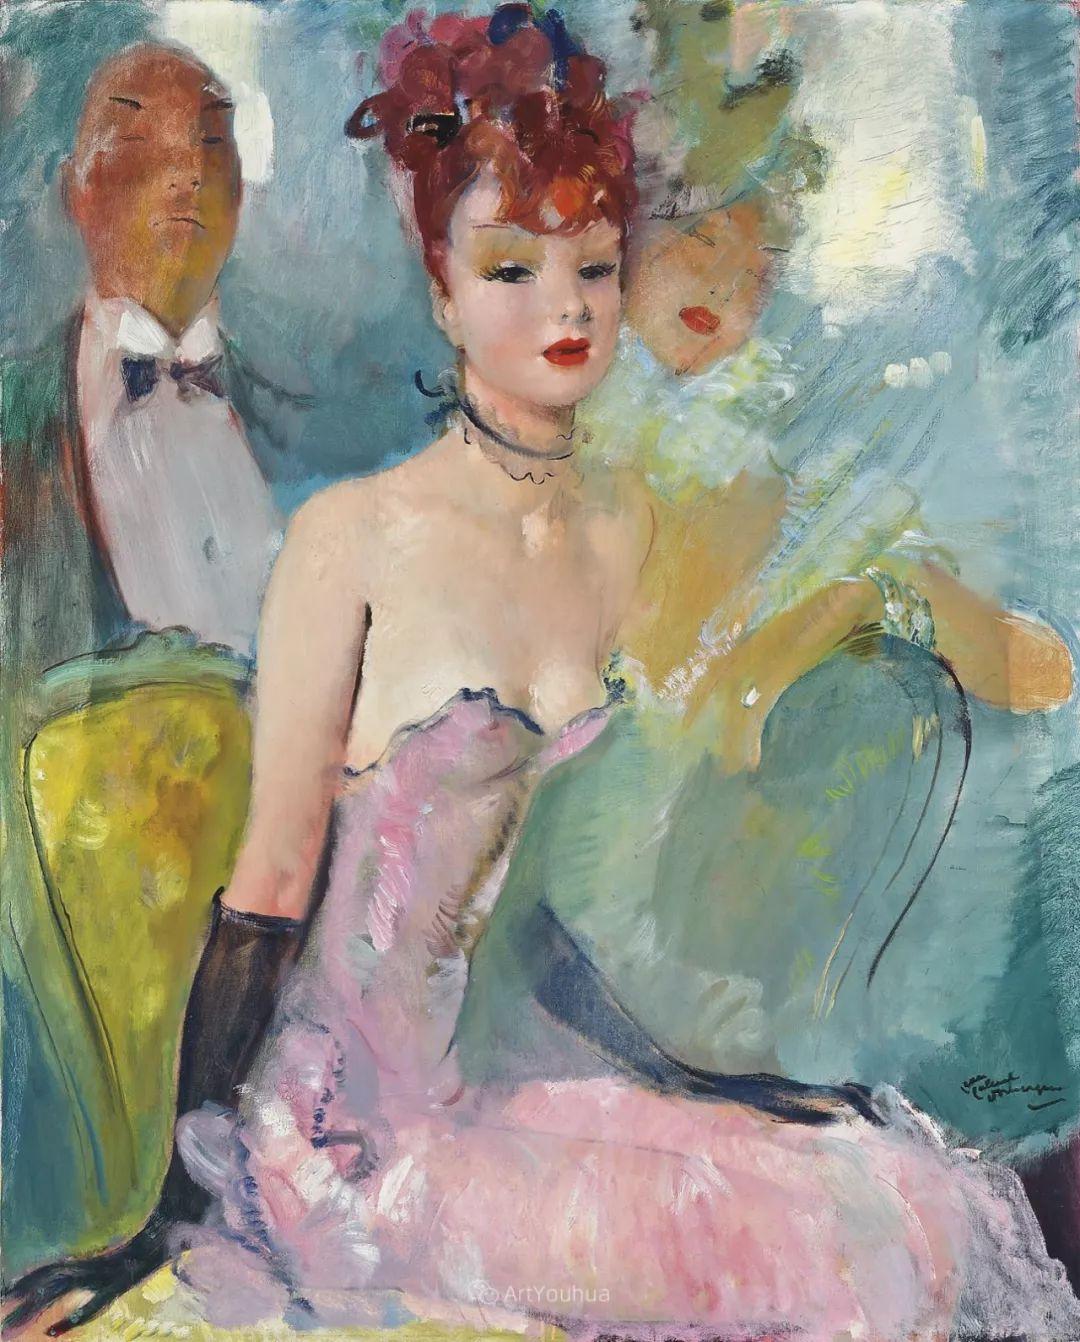 他画中的美女:典雅美丽天鹅颈,脸上带着调情趣味插图